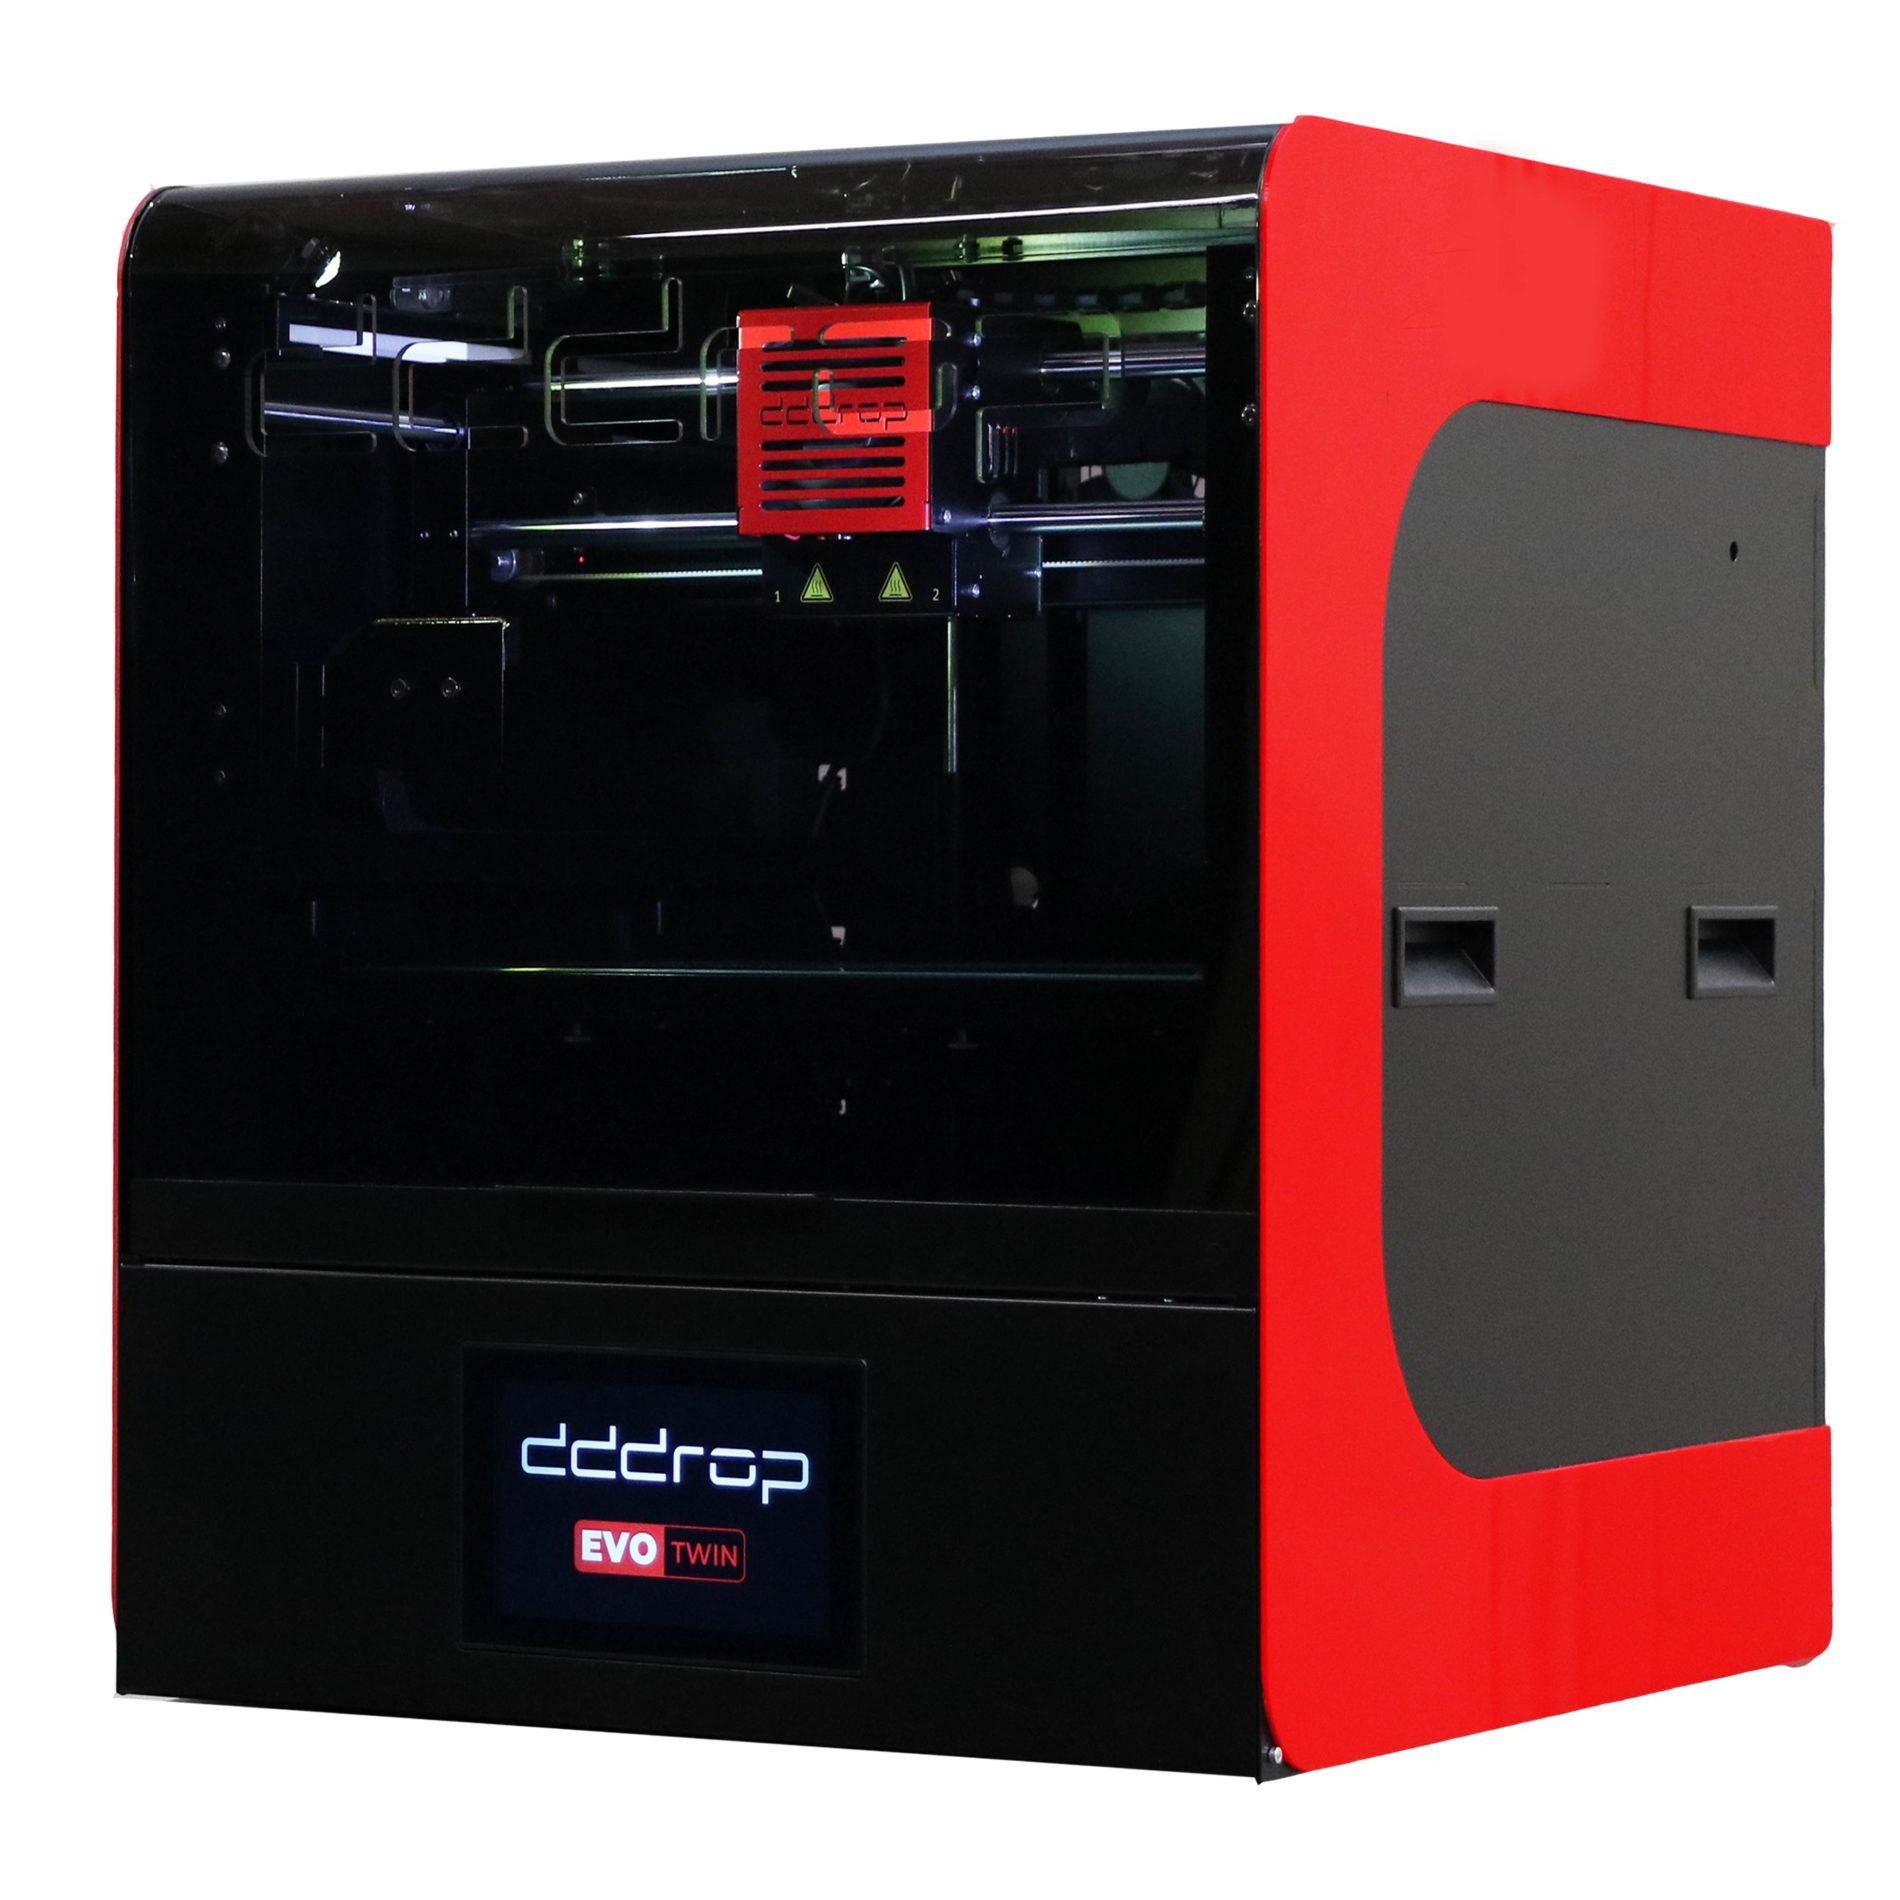 dddrop EVO Twin 3D printer